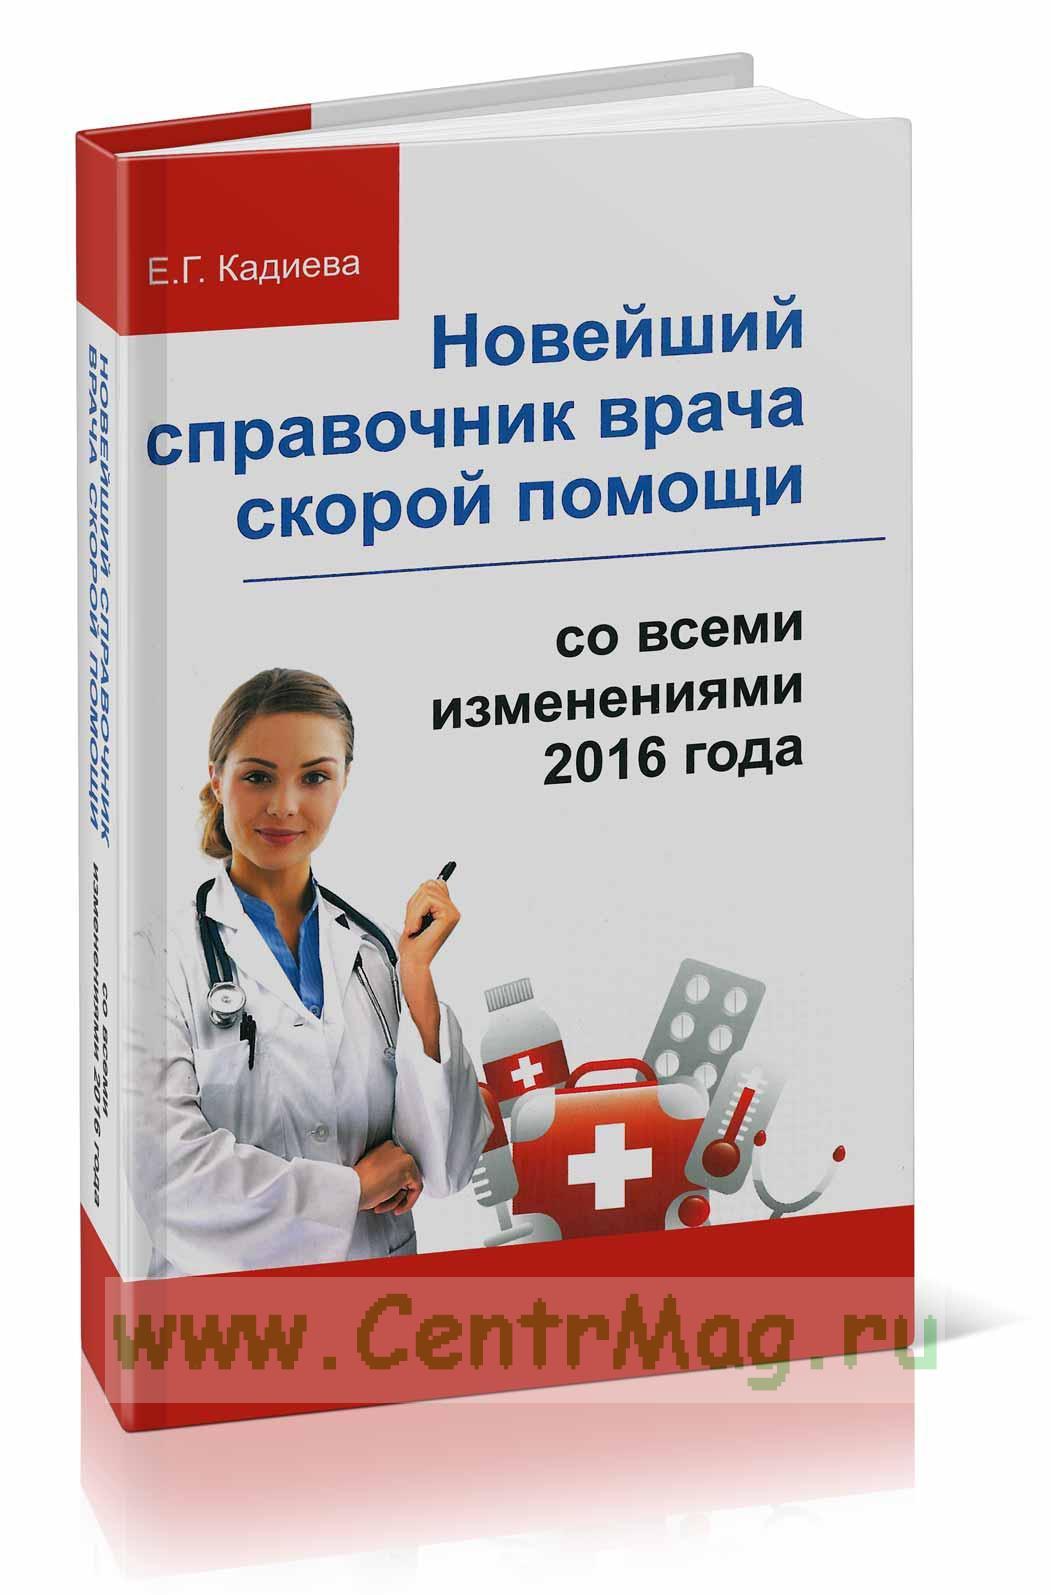 Новейший справочник врача скорой помощи